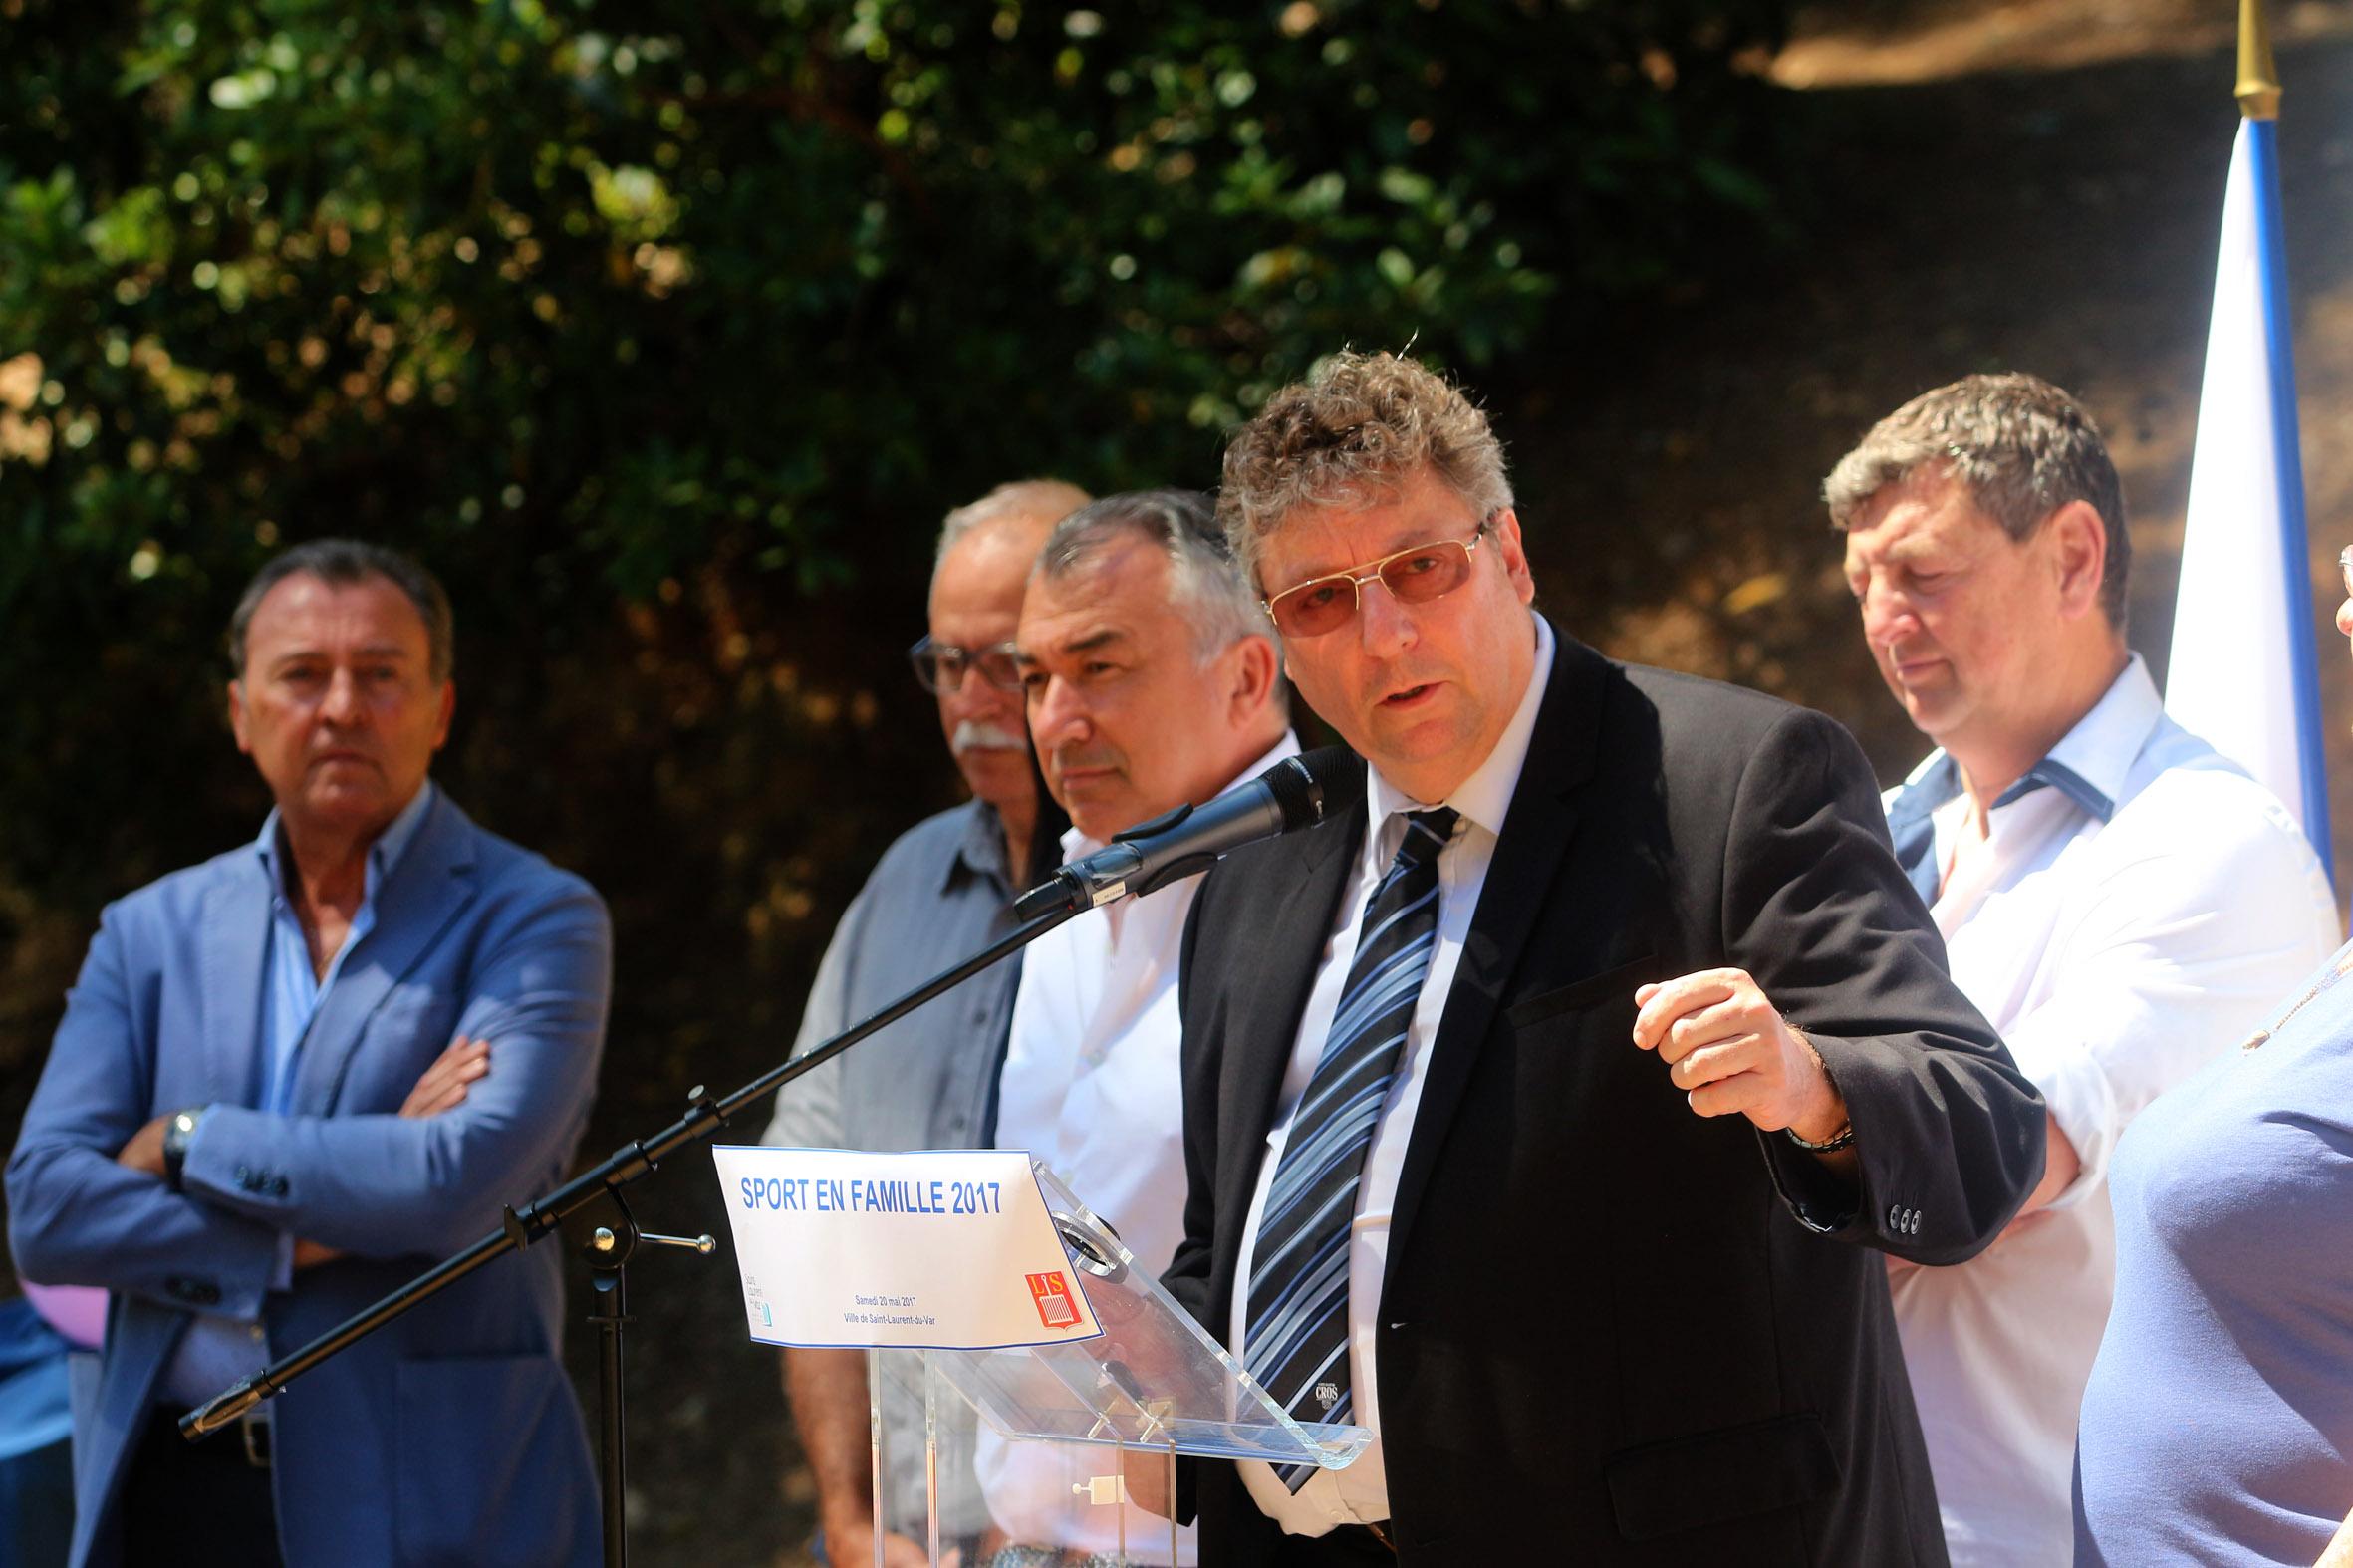 Patrick Collette, Vice-Président du Comité Régional Olympique et Sportif Côte d'Azur (CROS)